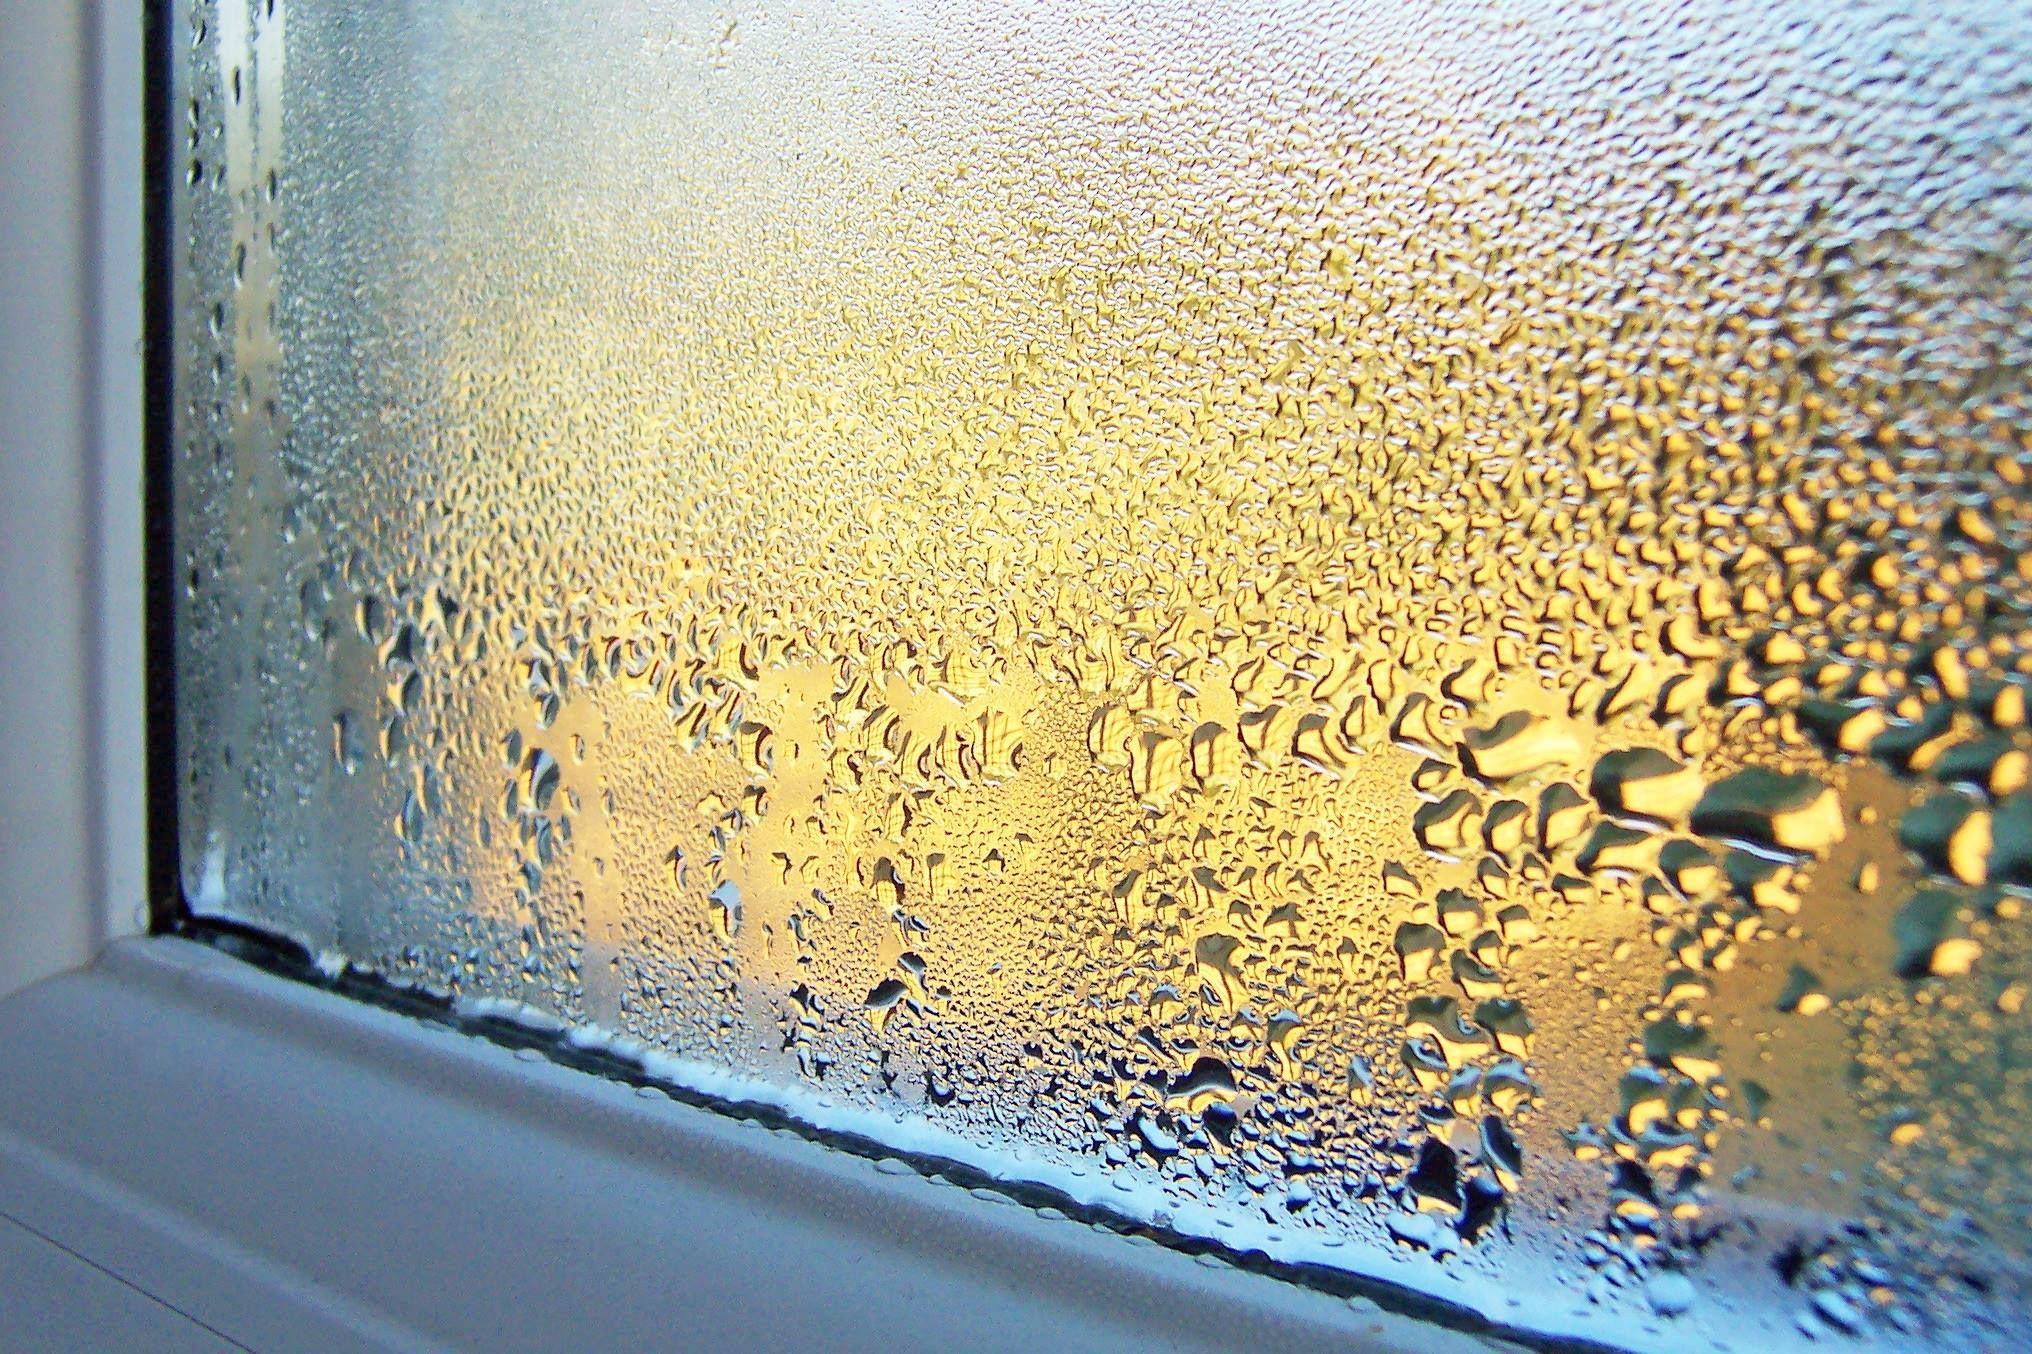 Gouttes d'eau signe de condensation sur la fenetre.